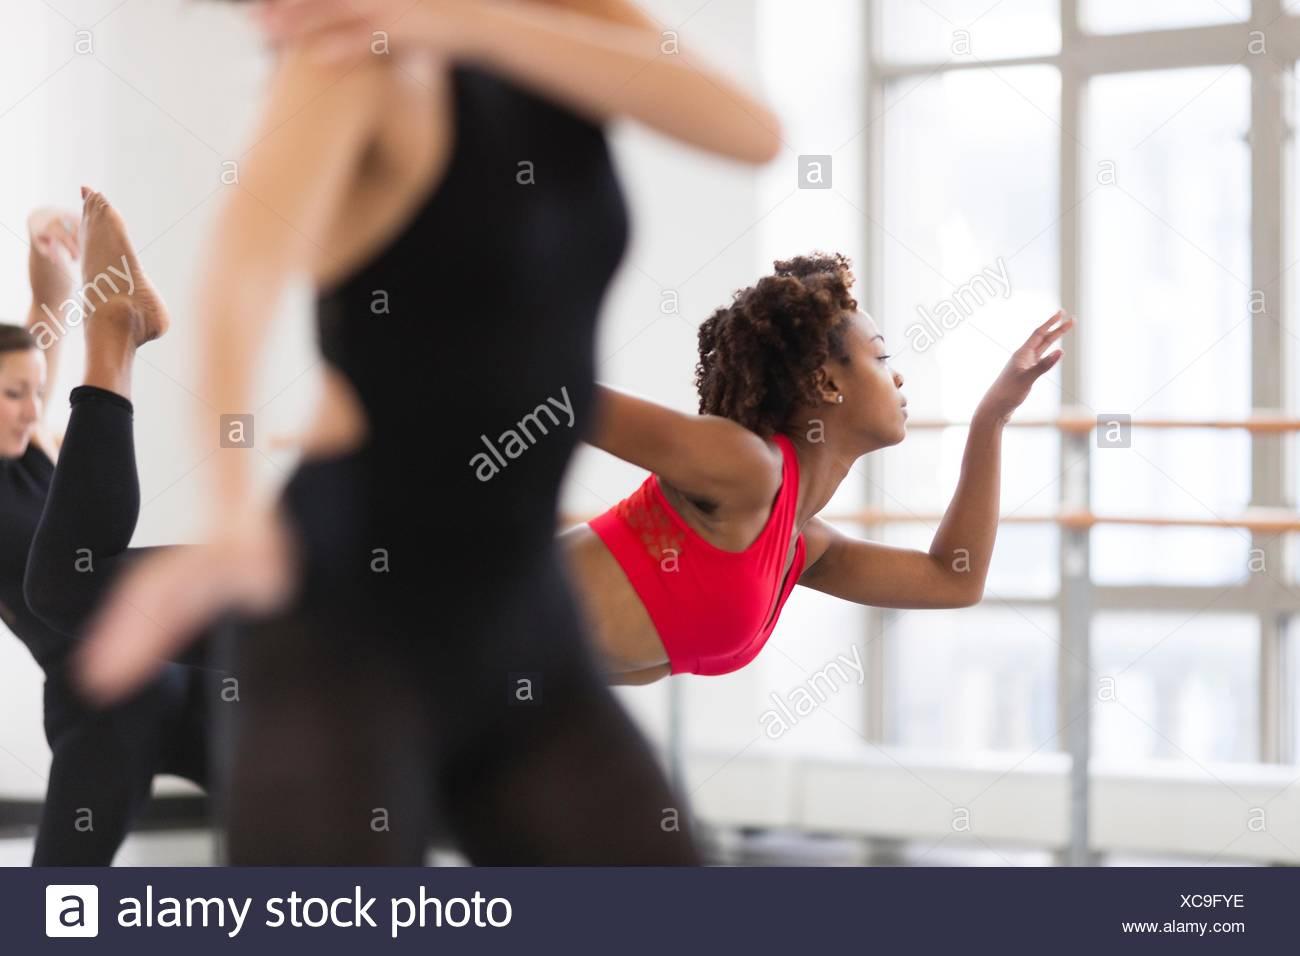 Les jeunes femmes dans un studio de danse Danse, differential focus Photo Stock